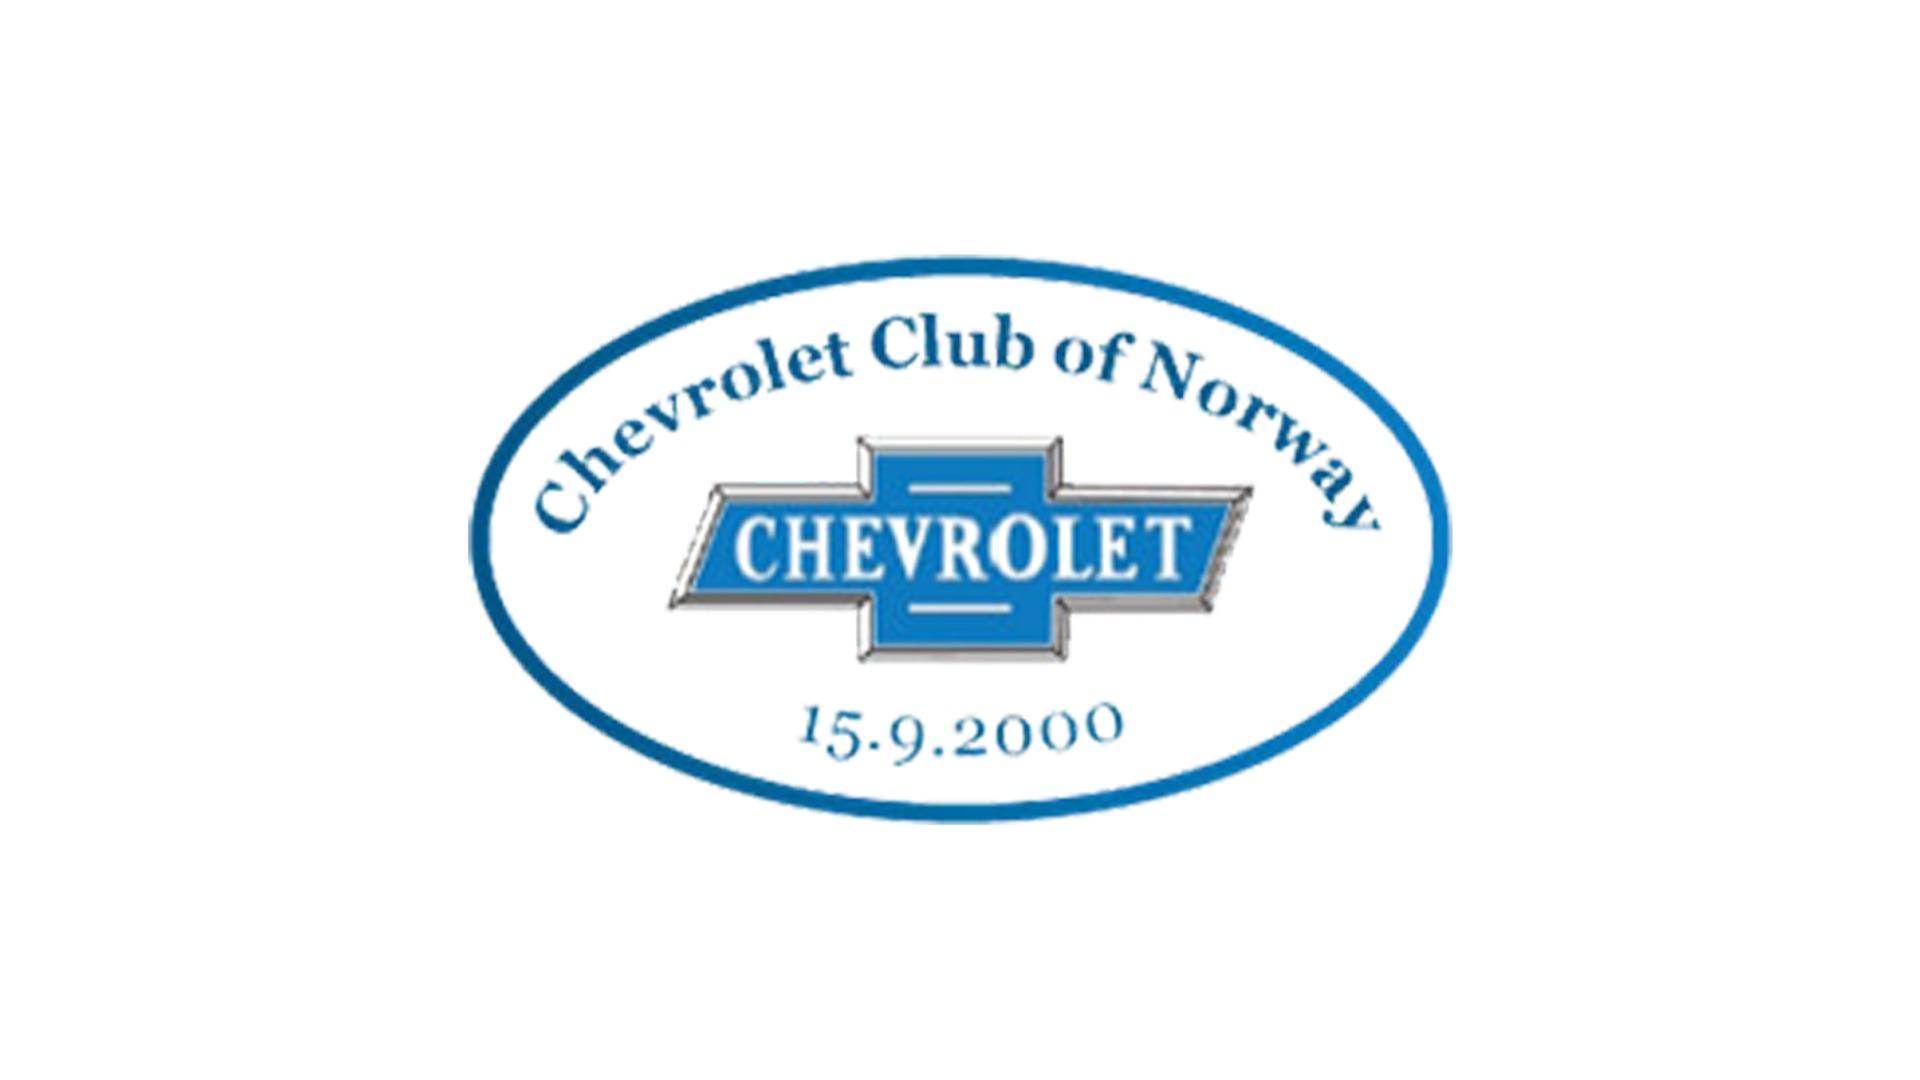 Chevrolet+club+of+norway-Fullskjerm.jpg